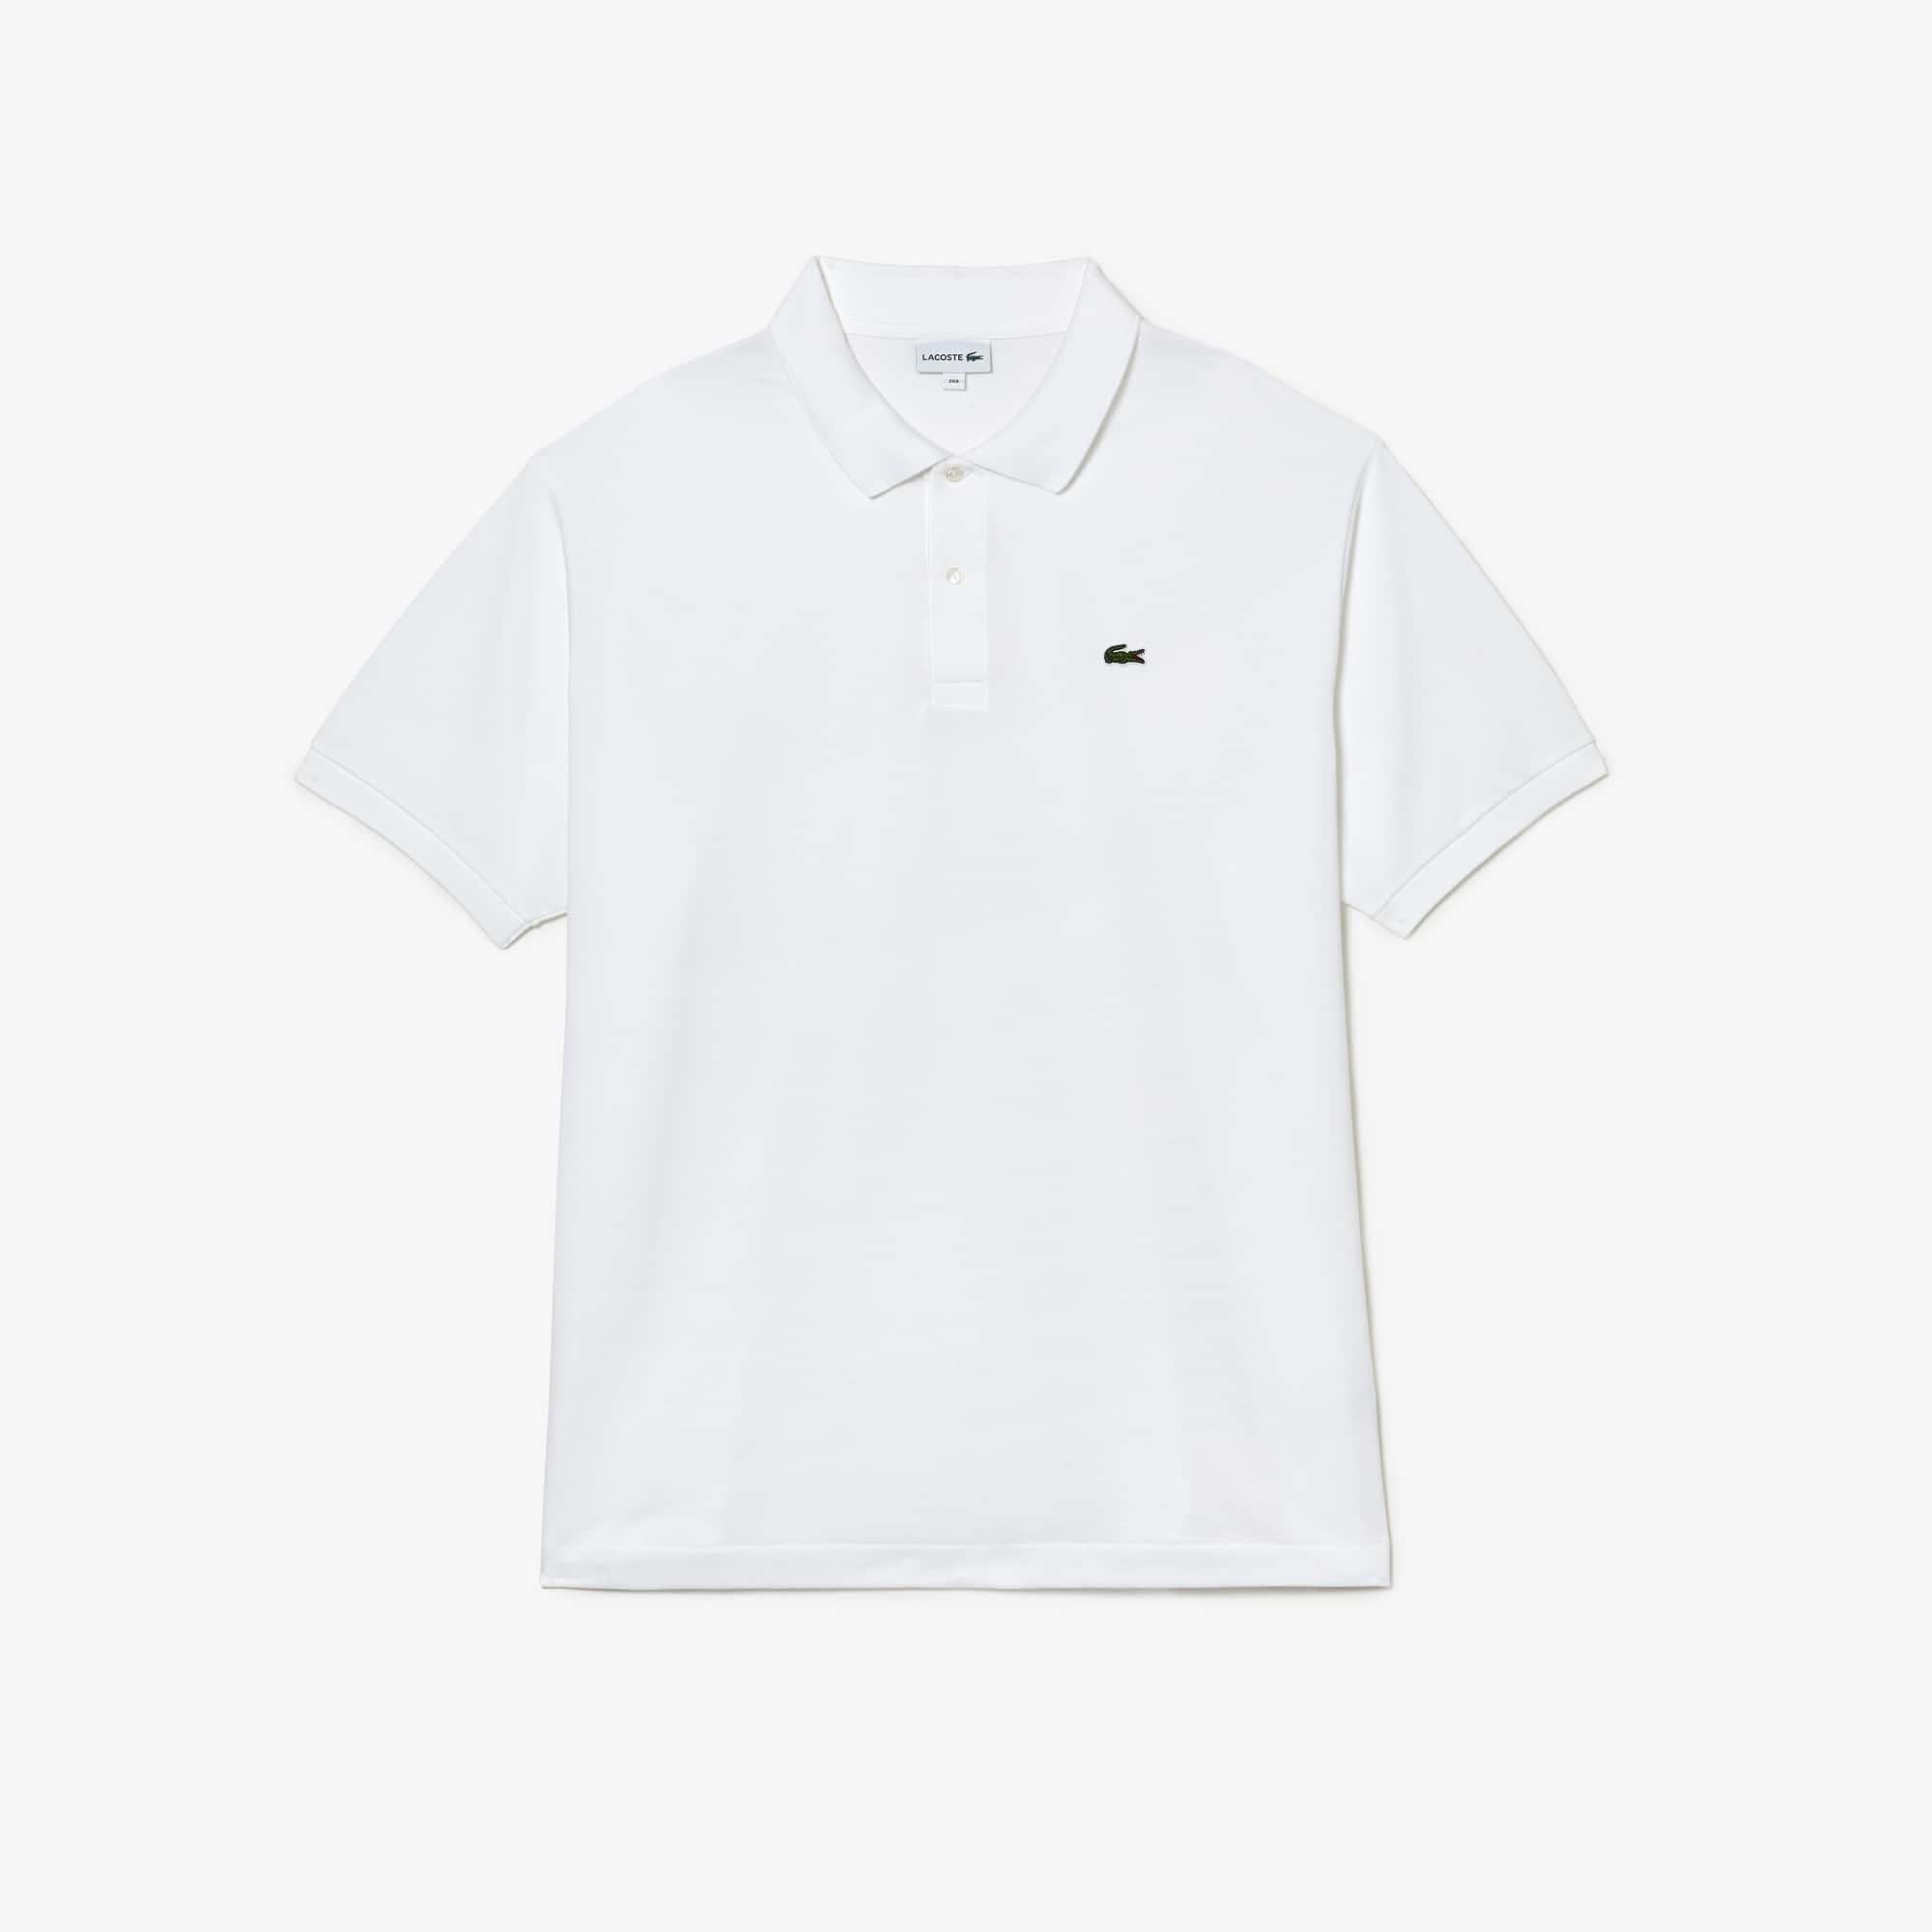 Men's Lacoste Big Fit Cotton Polo